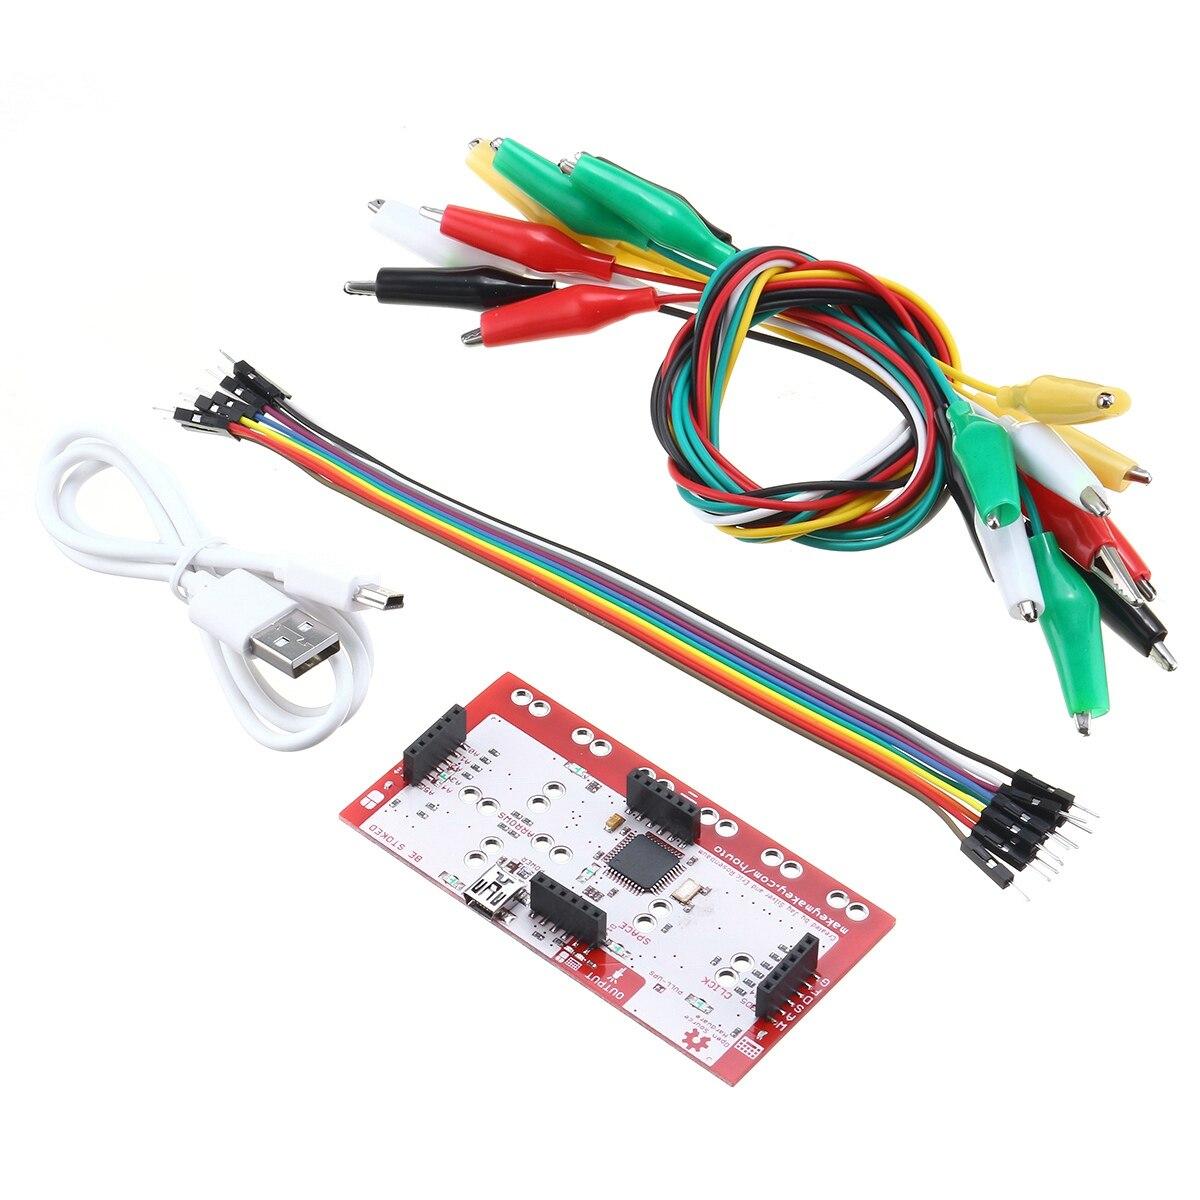 SHGO-Alligator Clip Jumper Wire Standard Controller Board DIY Kit for MakeySHGO-Alligator Clip Jumper Wire Standard Controller Board DIY Kit for Makey